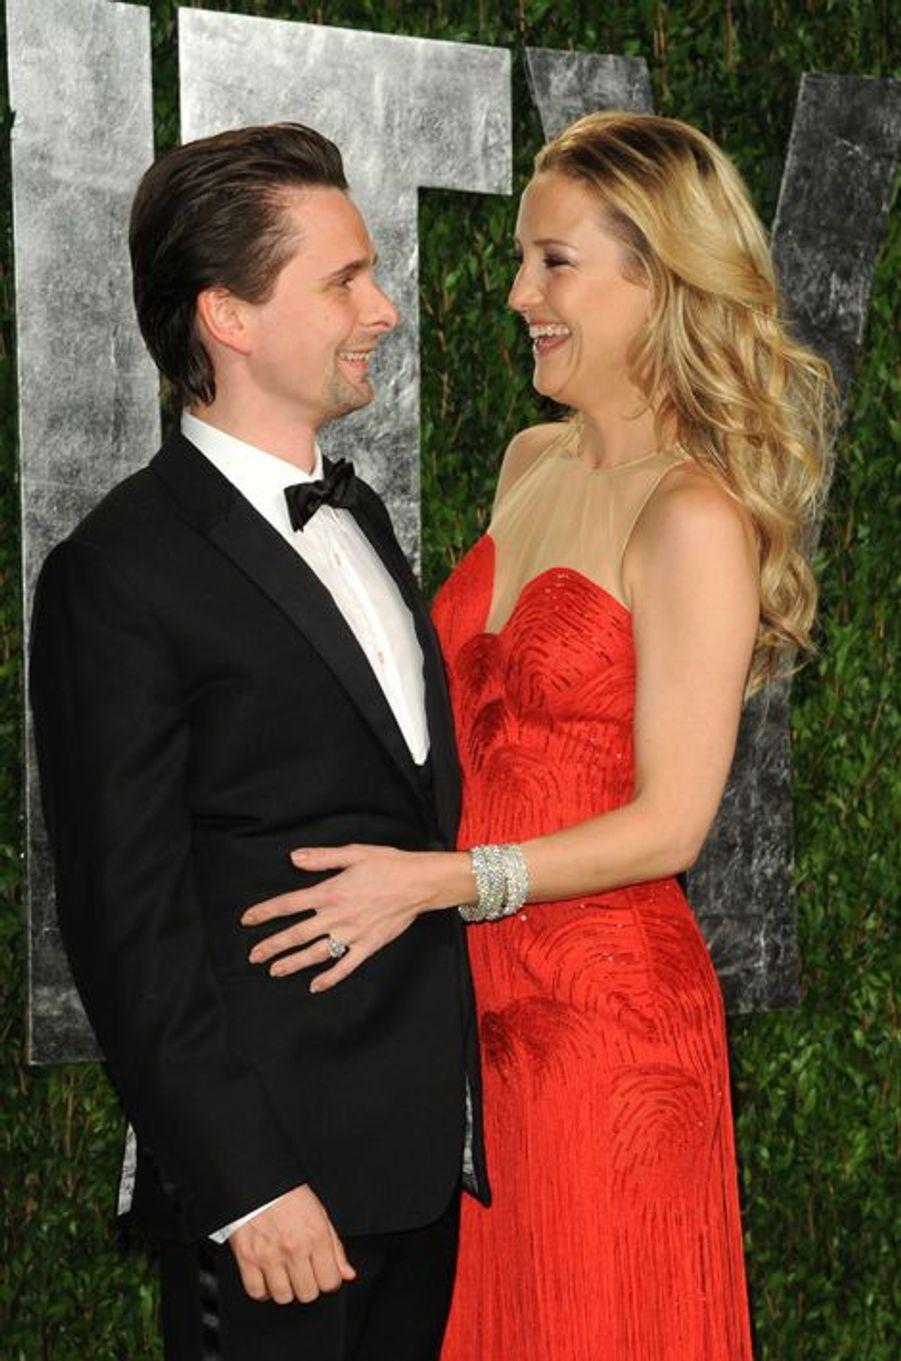 En décembre 2014, le leader du groupe Muse et l'actrice américaine provoquaient la surprise des médias en annonçant la fin de leur vie commune et l'annulation de leurs fiançailles. Parents d'un petit Bingham (aujourd'hui âgé de 4 ans et demi), Matthew Bellamy et Kate Hudson s'étaient fiancés en avril 2011 après dix mois de relation.